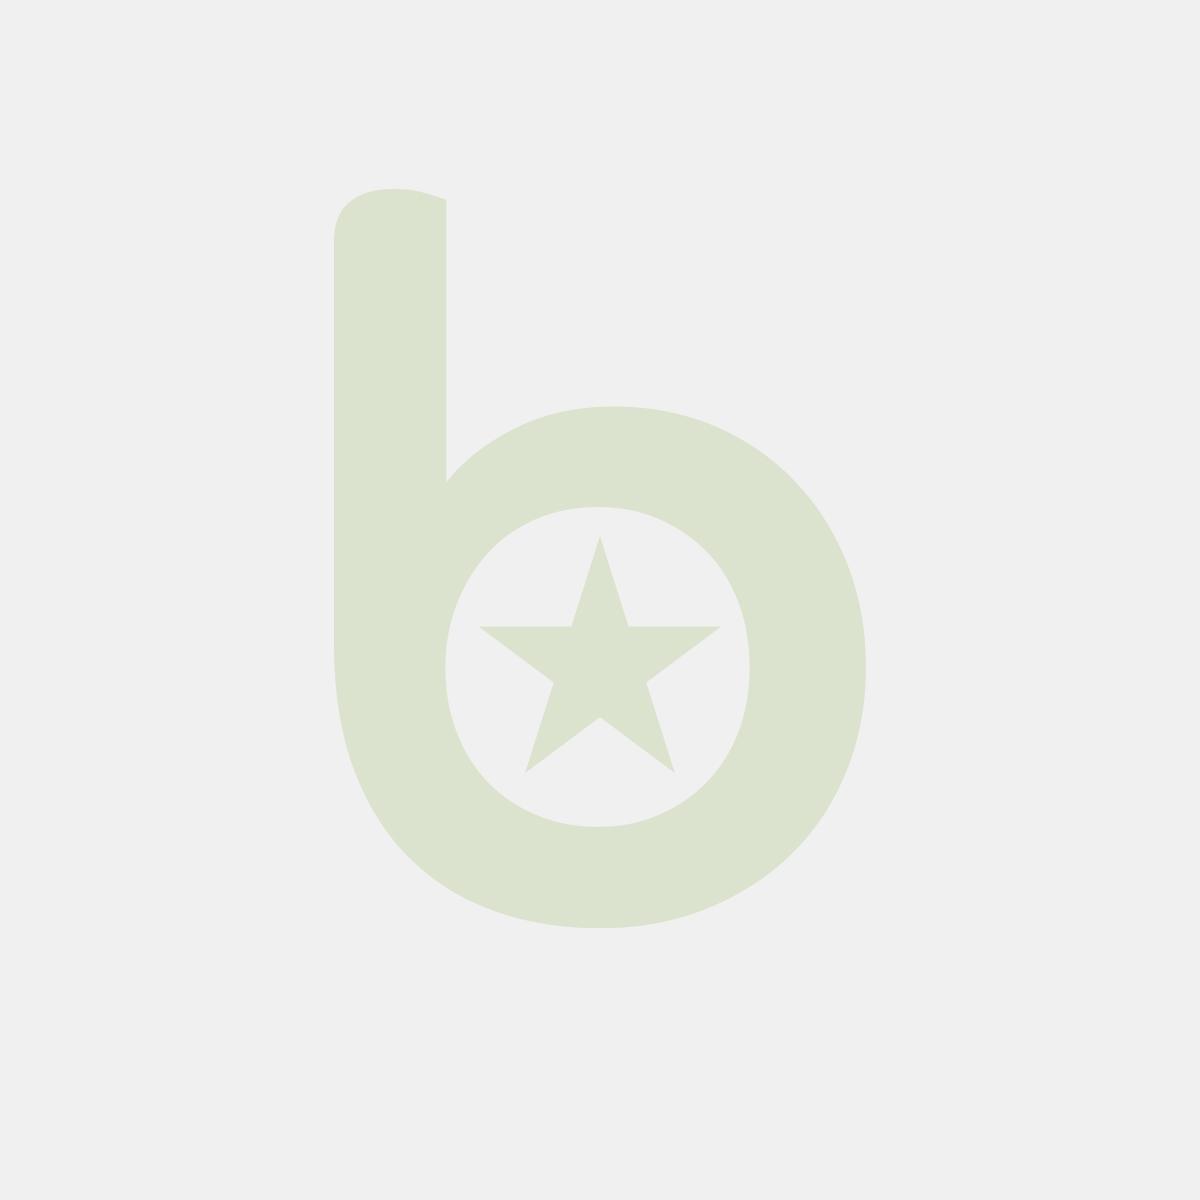 Torba szara BAGIETKA z okienkiem BN580x100x60 40PP, cena za opakowanie 1000szt